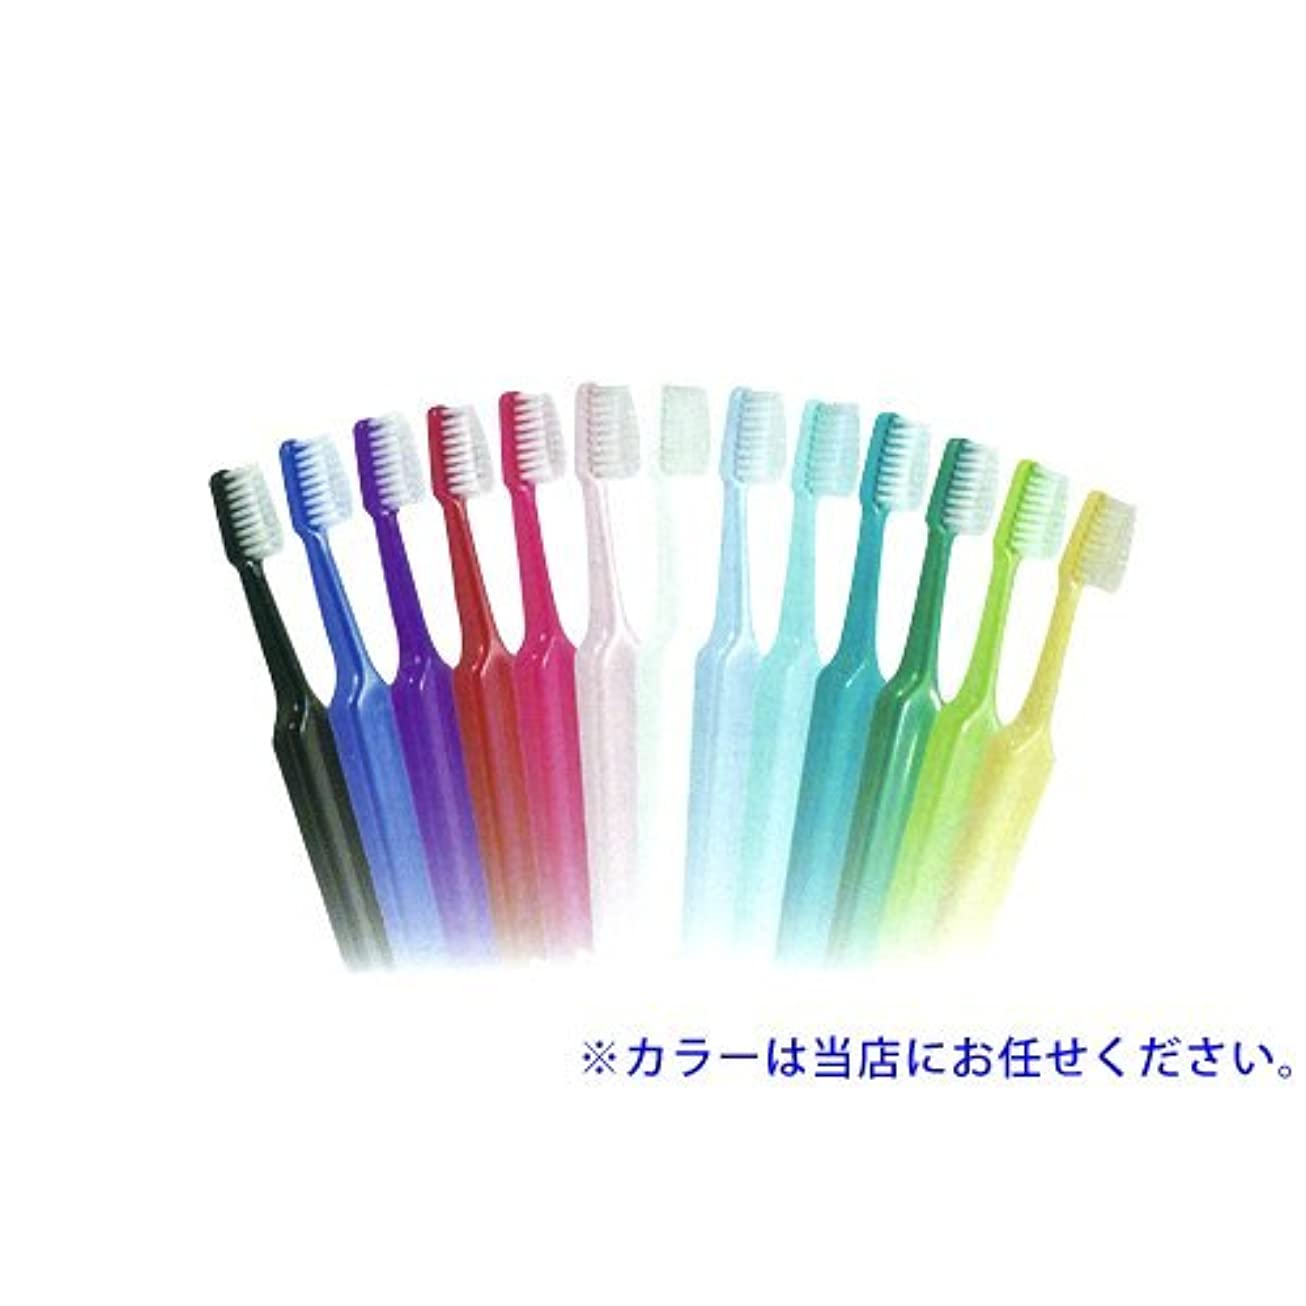 居間額とは異なりクロスフィールド TePe テペ セレクトコンパクト 歯ブラシ 1本 コンパクト エクストラソフト